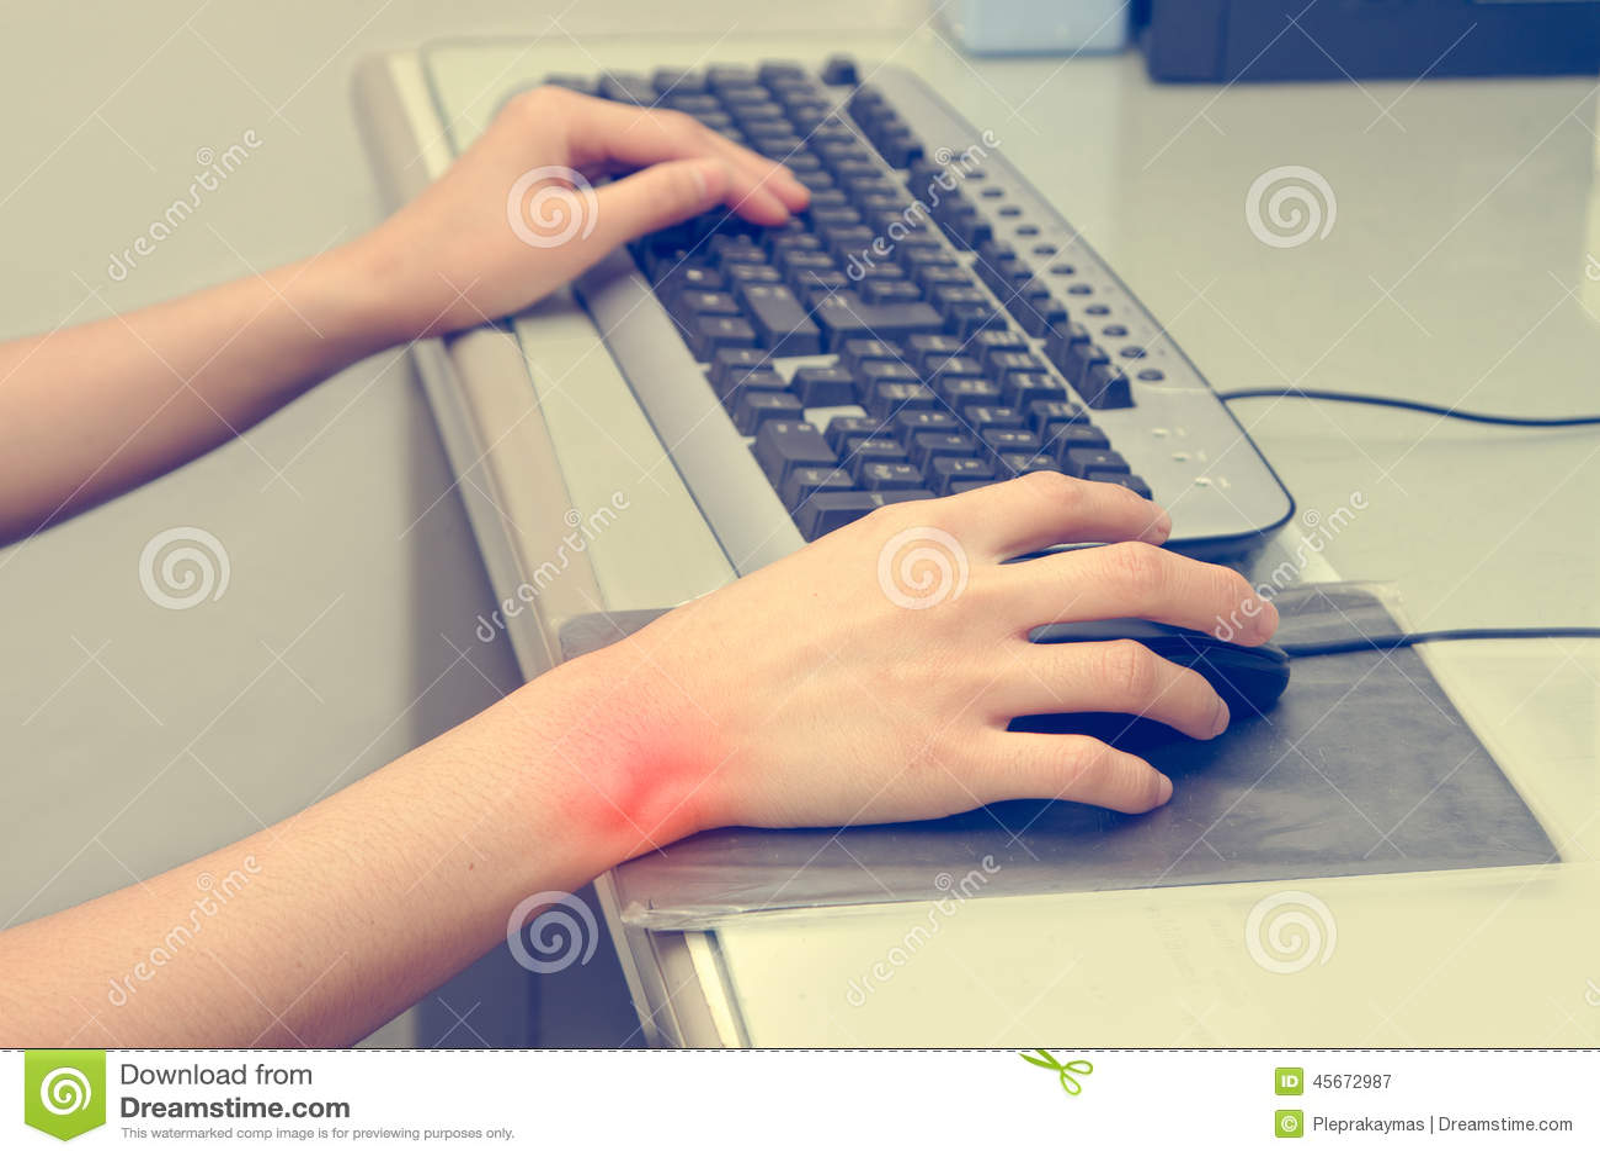 douleur de poignet du travail avec l 39 ordinateur image stock image du tendon main 45672987. Black Bedroom Furniture Sets. Home Design Ideas